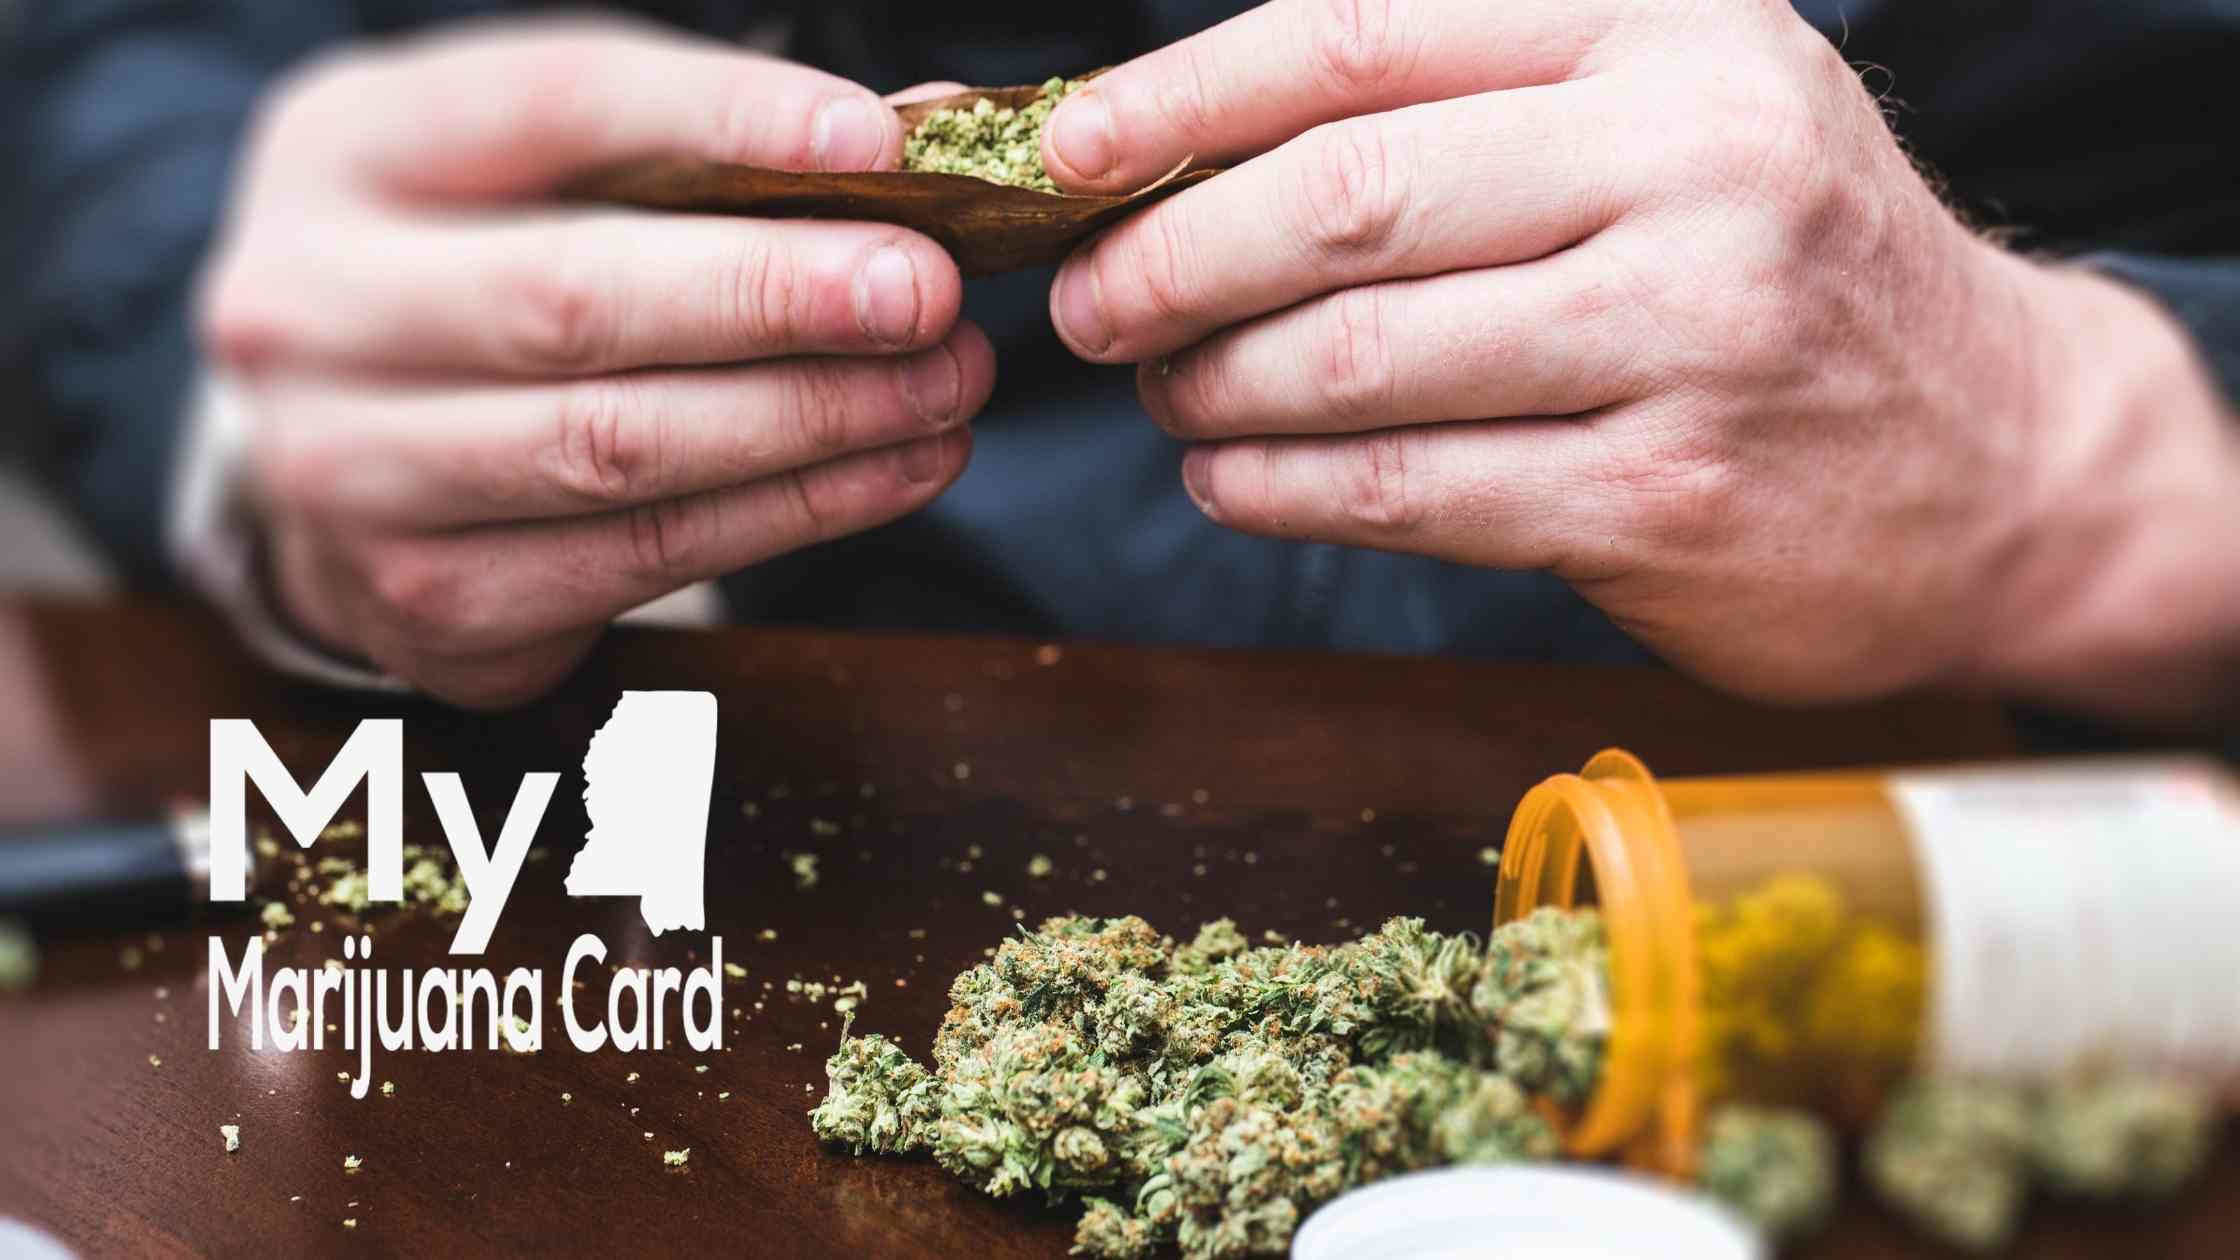 Is Marijuana A Gateway Drug?